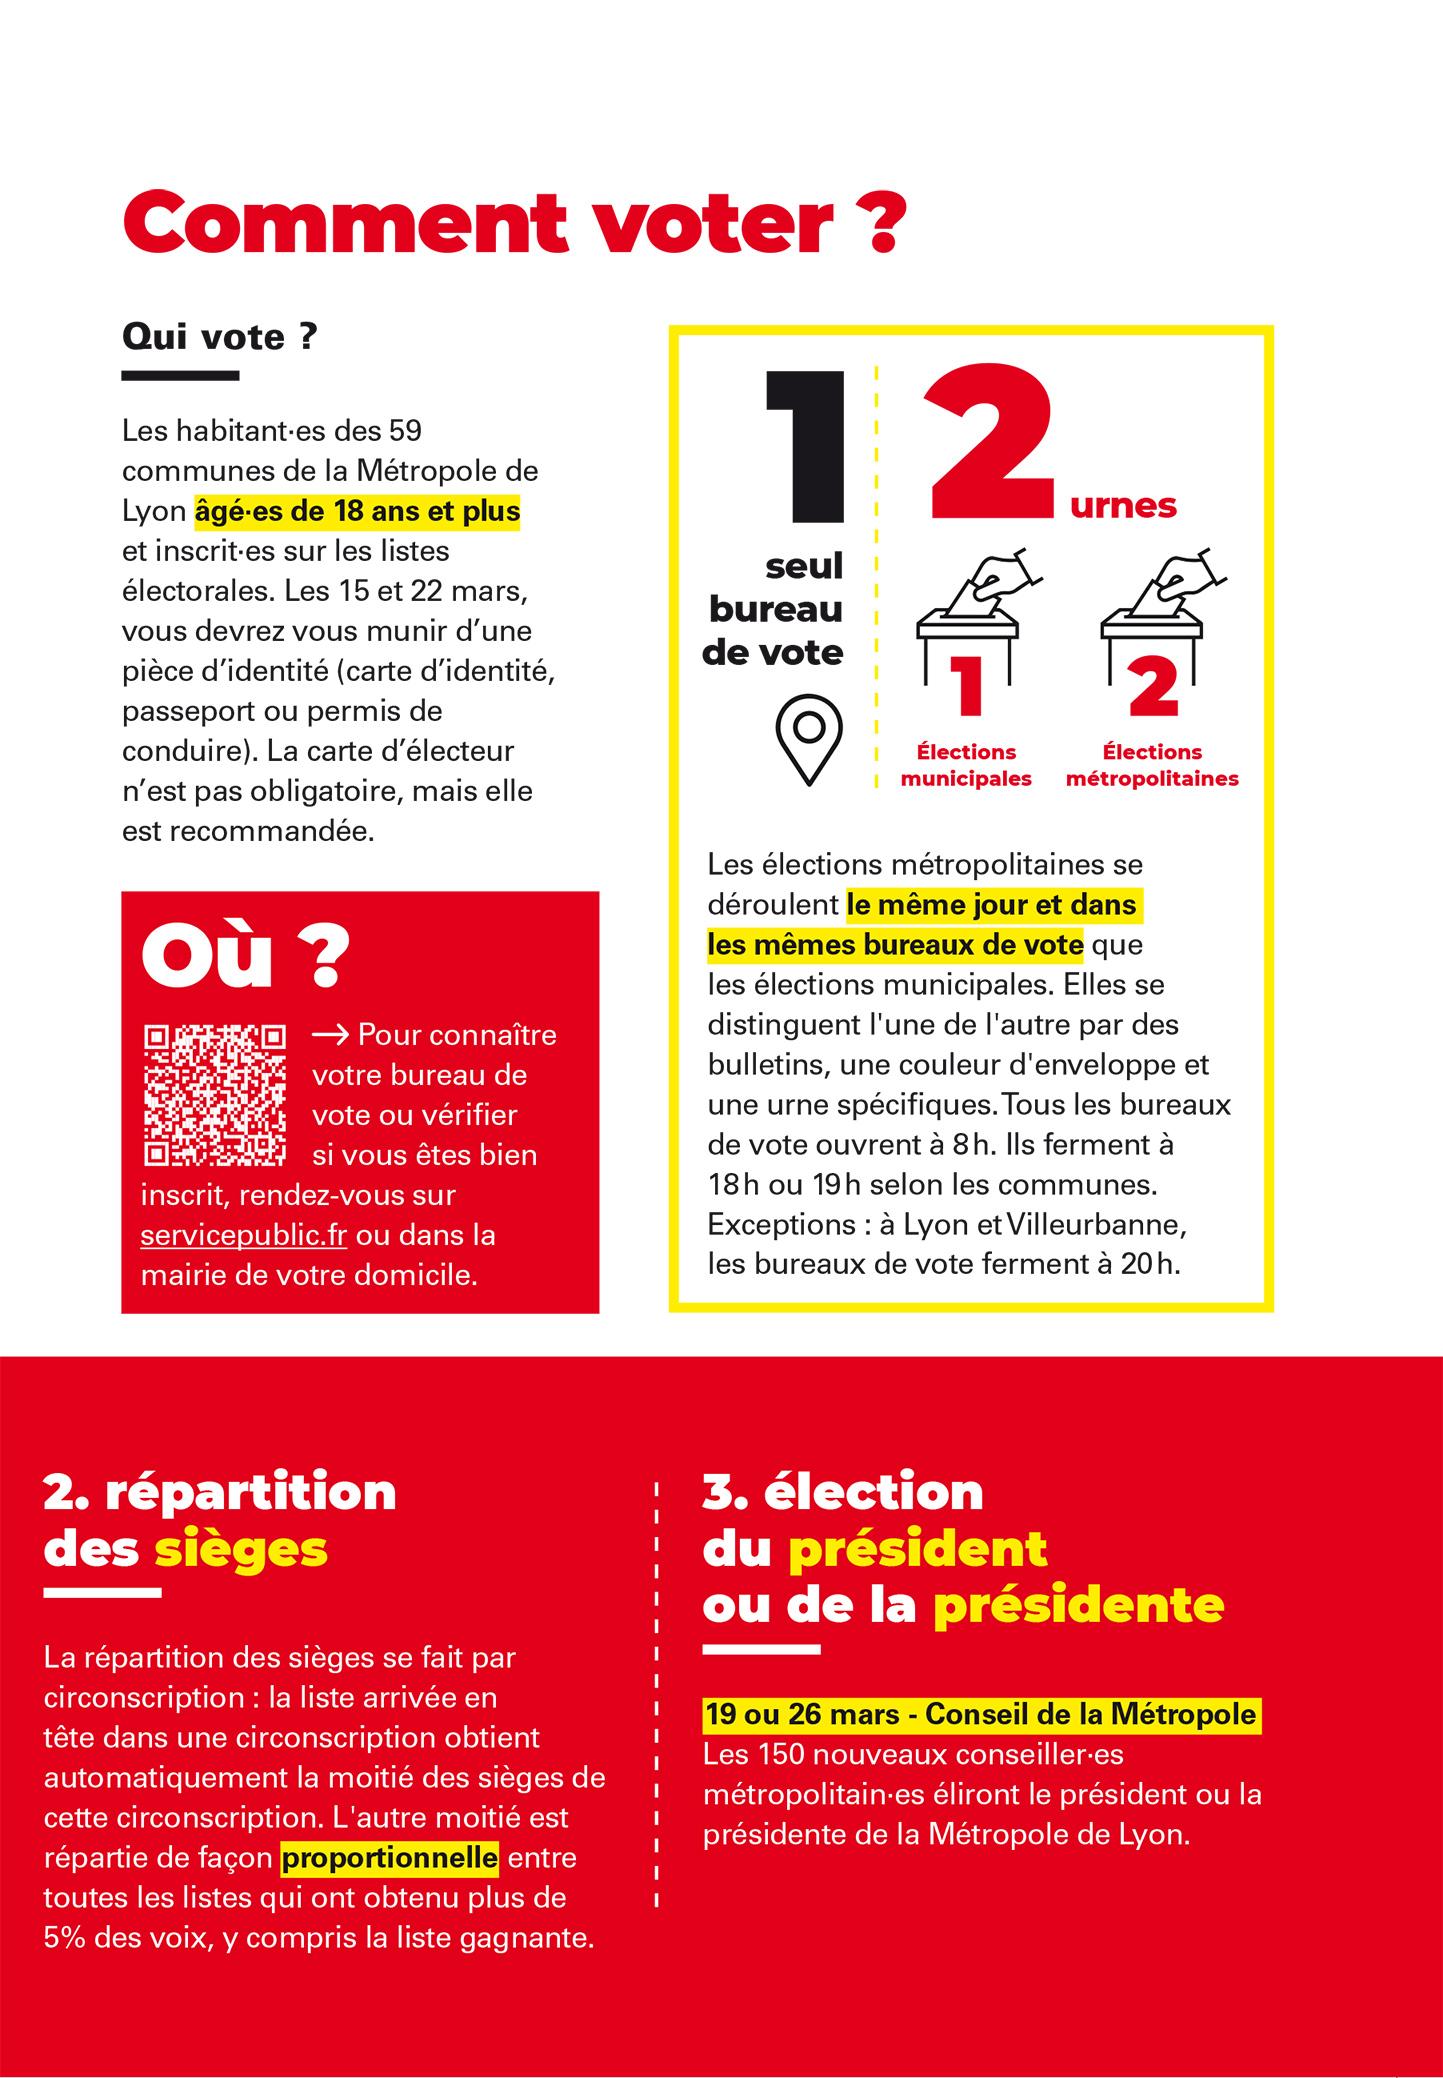 Pour tout savoir sur les élections métropolitaines des 15 et 2